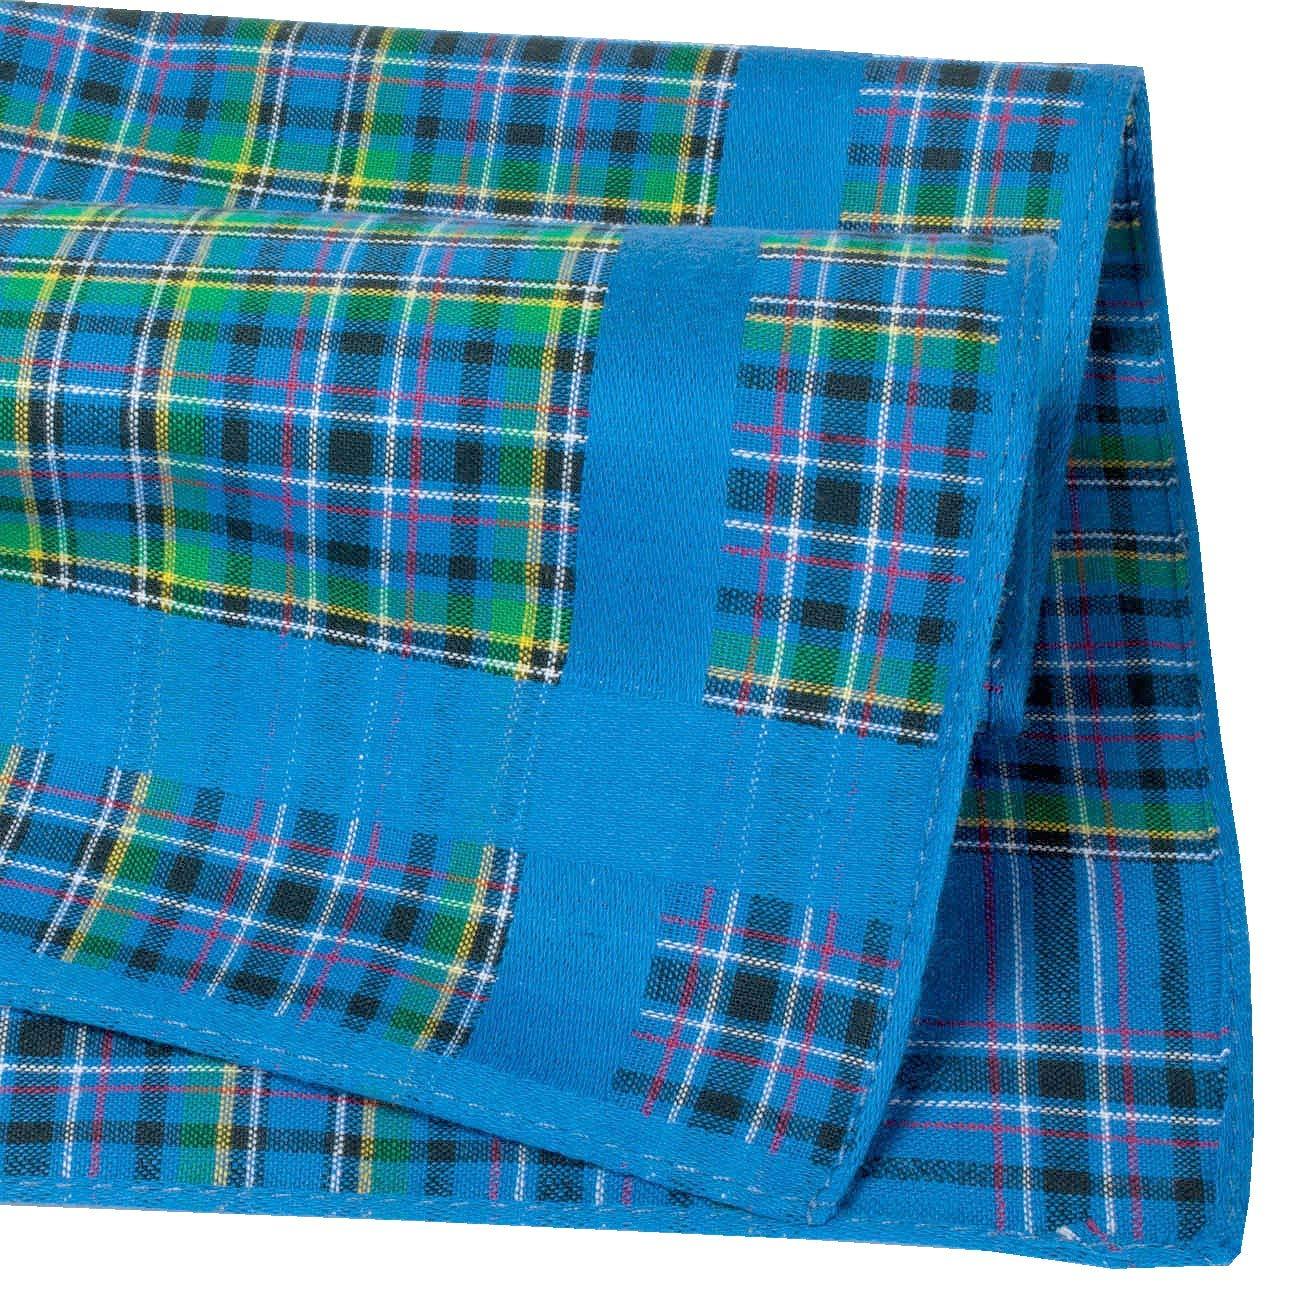 Fazzoletti Tartan 100/% Cotone 6 Pezzi Modello Glencoe- Piccola Dimensione 28cm Merrysquare